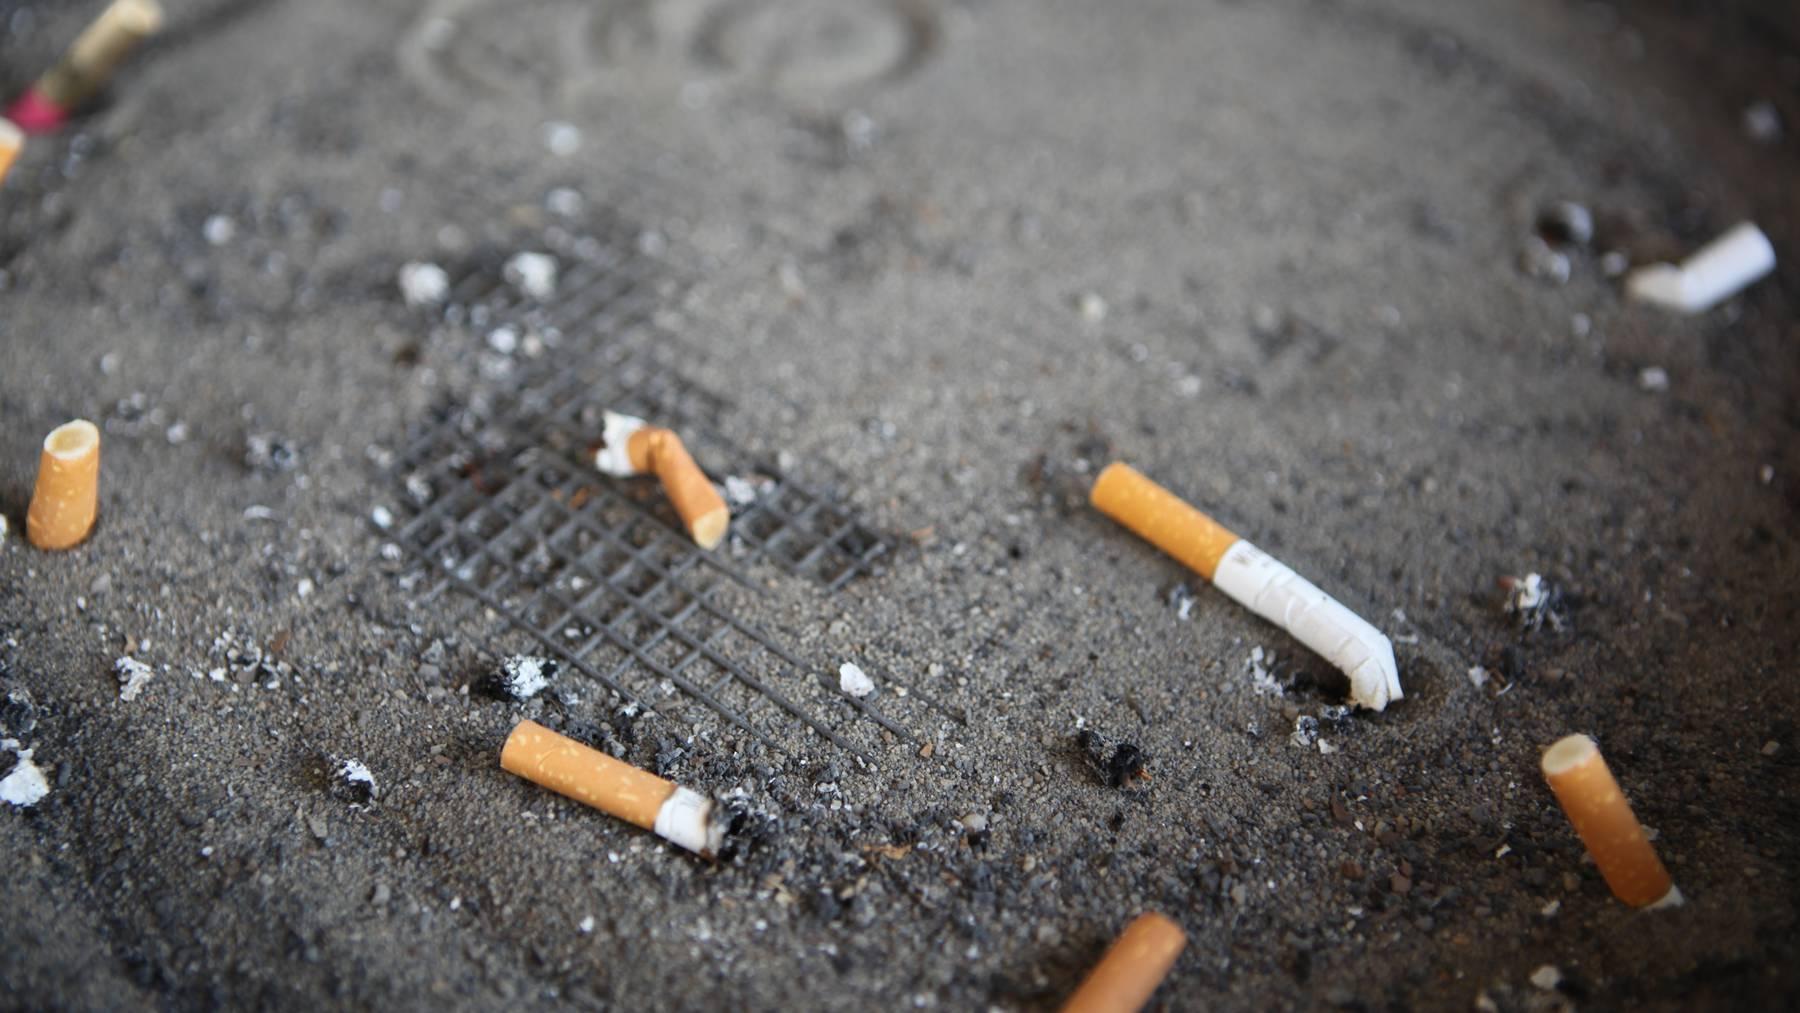 Immer mehr Frauen sterben an Raucher-Krankheiten